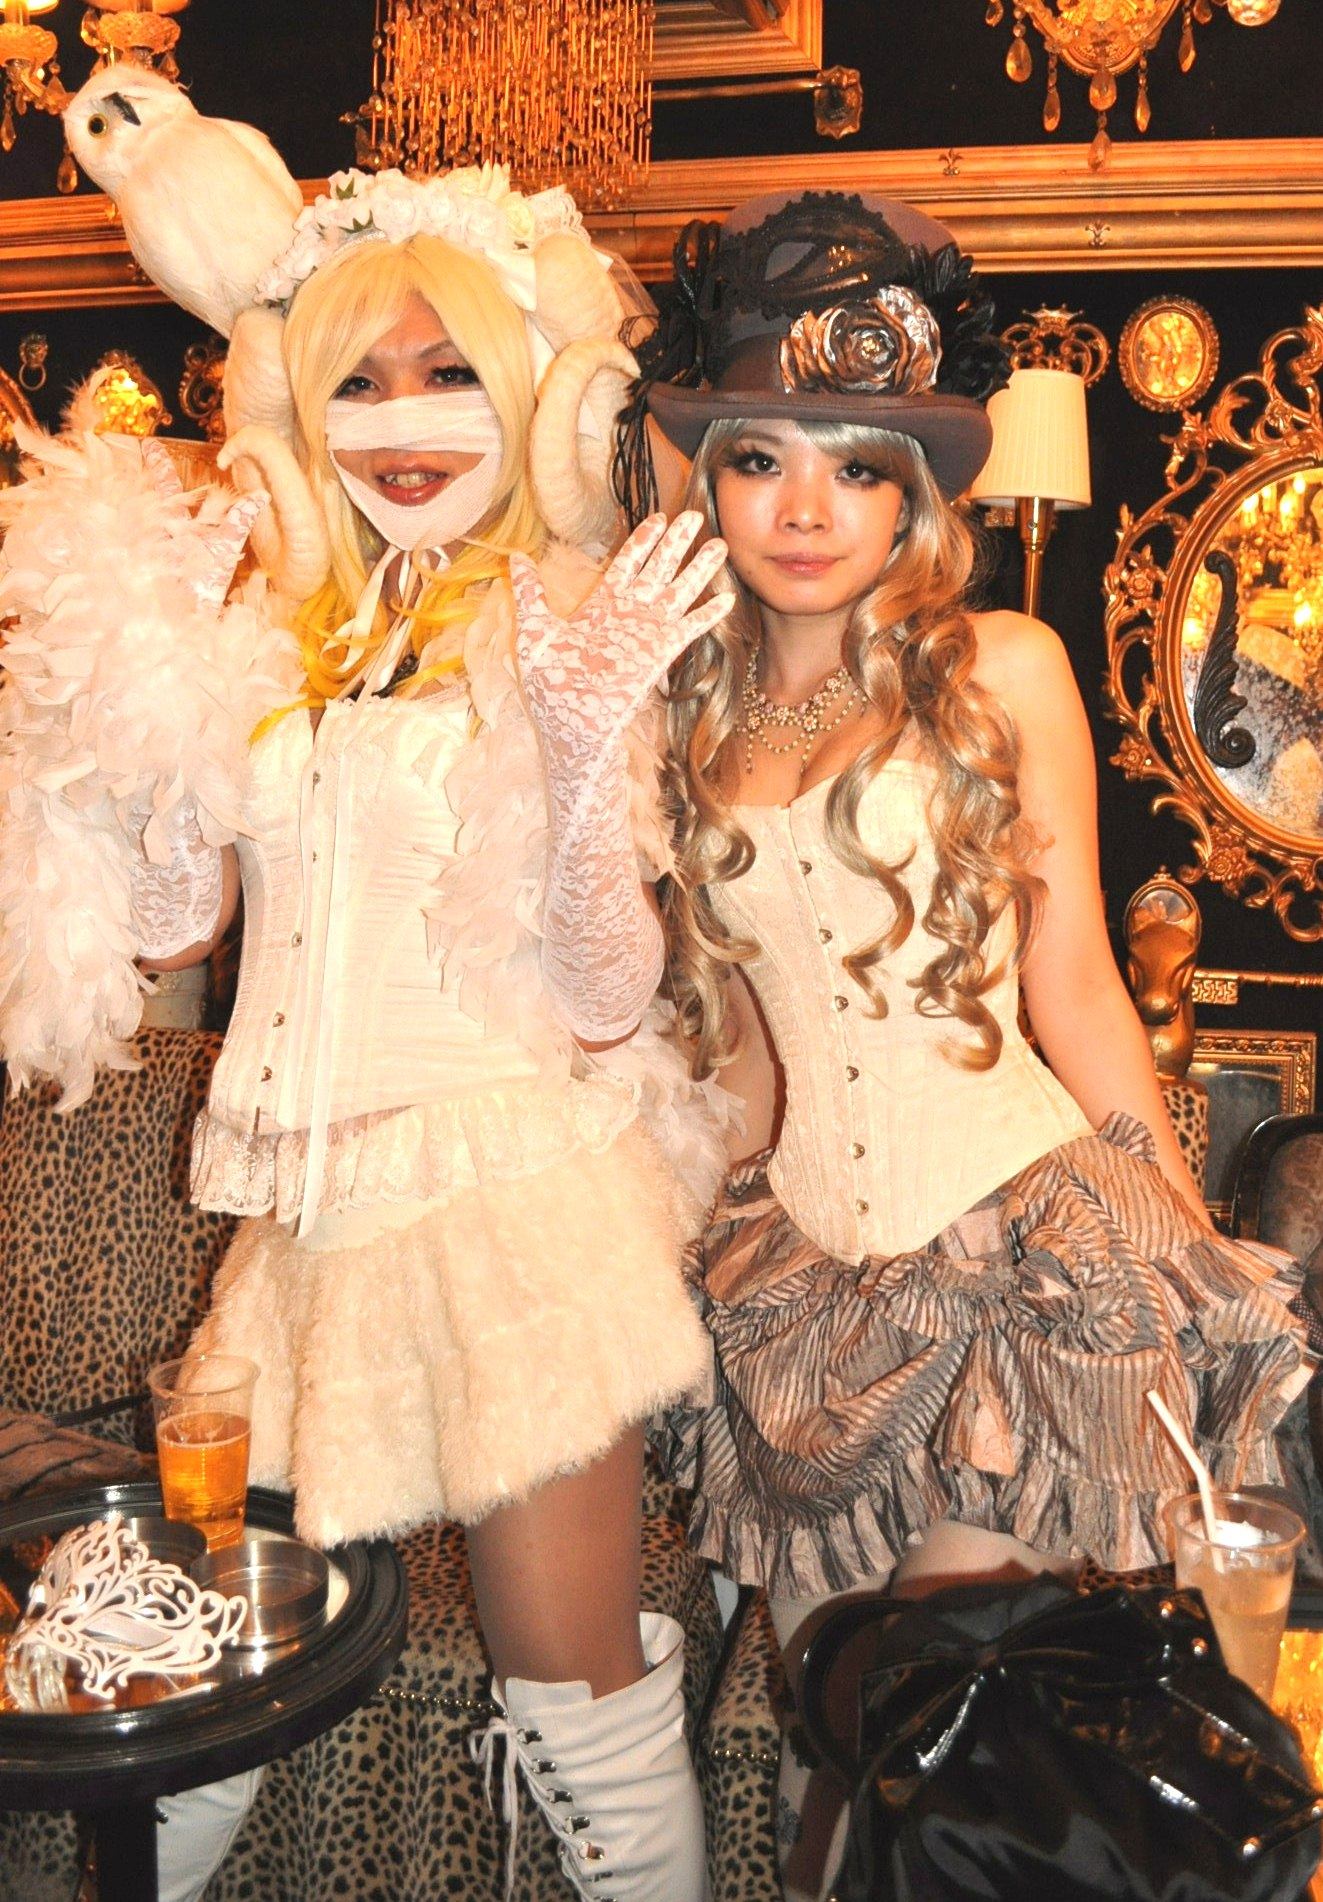 Abilletage Halloween 2012 Trump Room Shibuya